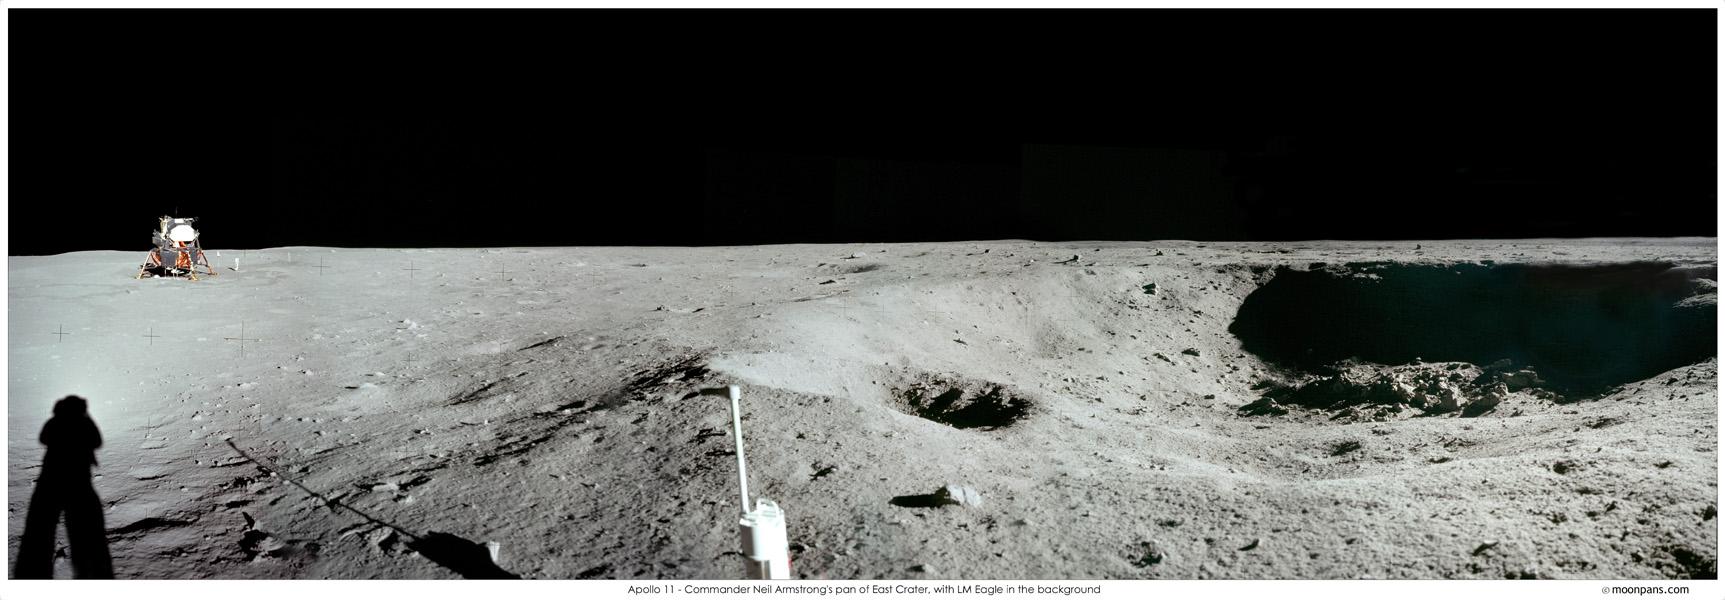 Bunnies on the Moon? 7 Lunar Myths Apollo 11 Debunked